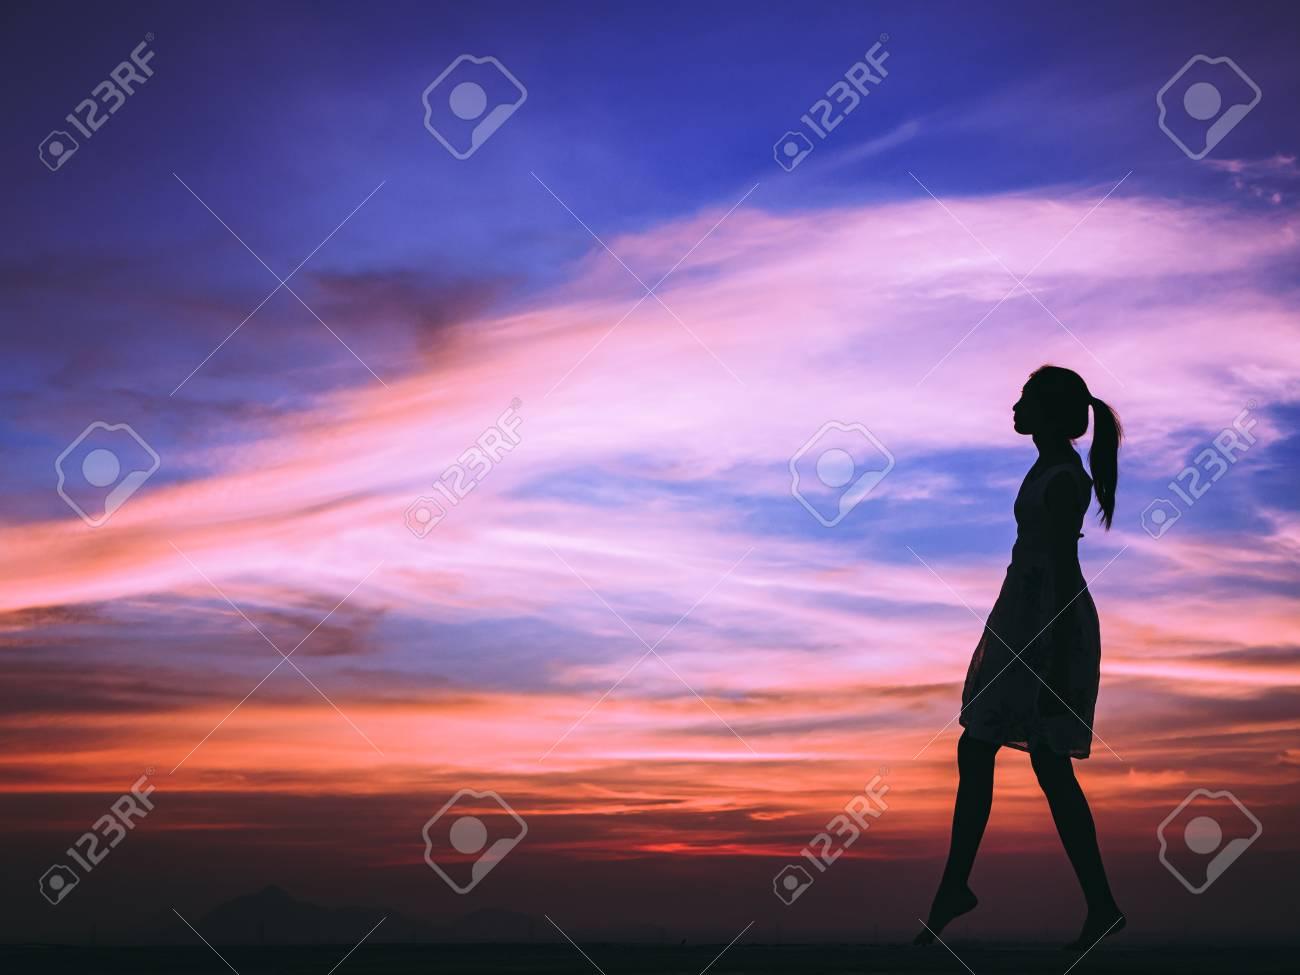 4c649fbf8a Silueta De Mujer Libre Disfrutando De Libertad Sintiéndose Feliz Al  Atardecer Mujer Relajante En Felicidad Pura